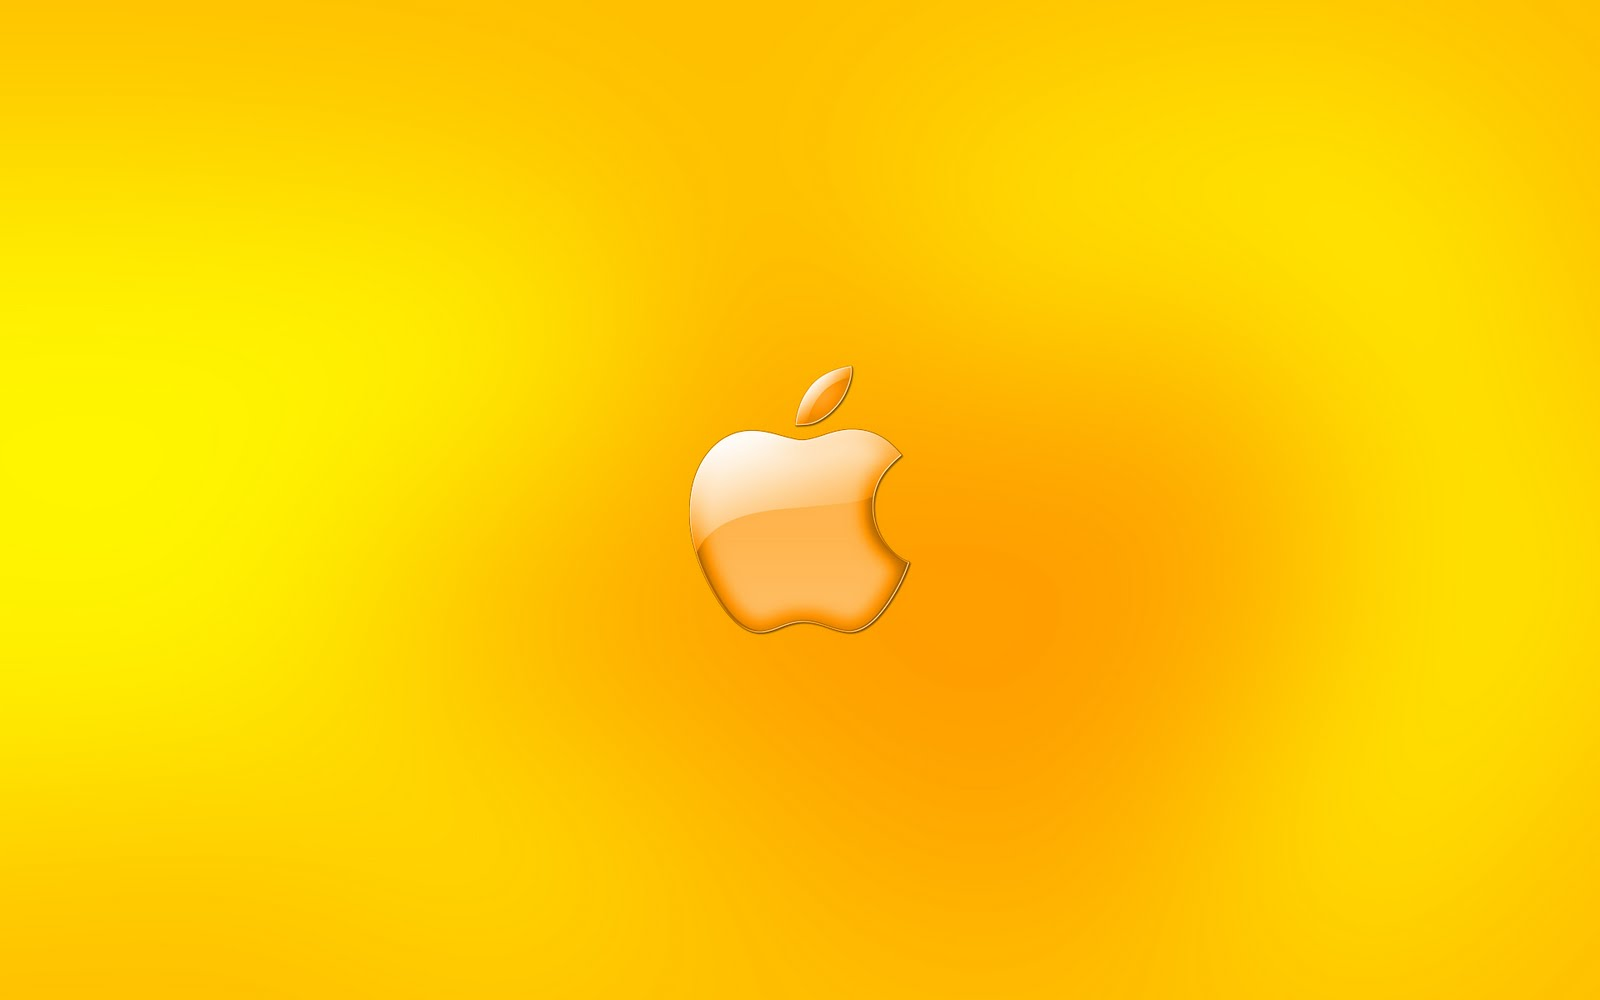 http://3.bp.blogspot.com/_4zTzx8QBOi8/TK8cA3tCPiI/AAAAAAAACl8/xLE9M5KTDO0/s1600/Apple_Gold_Wallpaper_by_fvmp-787431.jpg